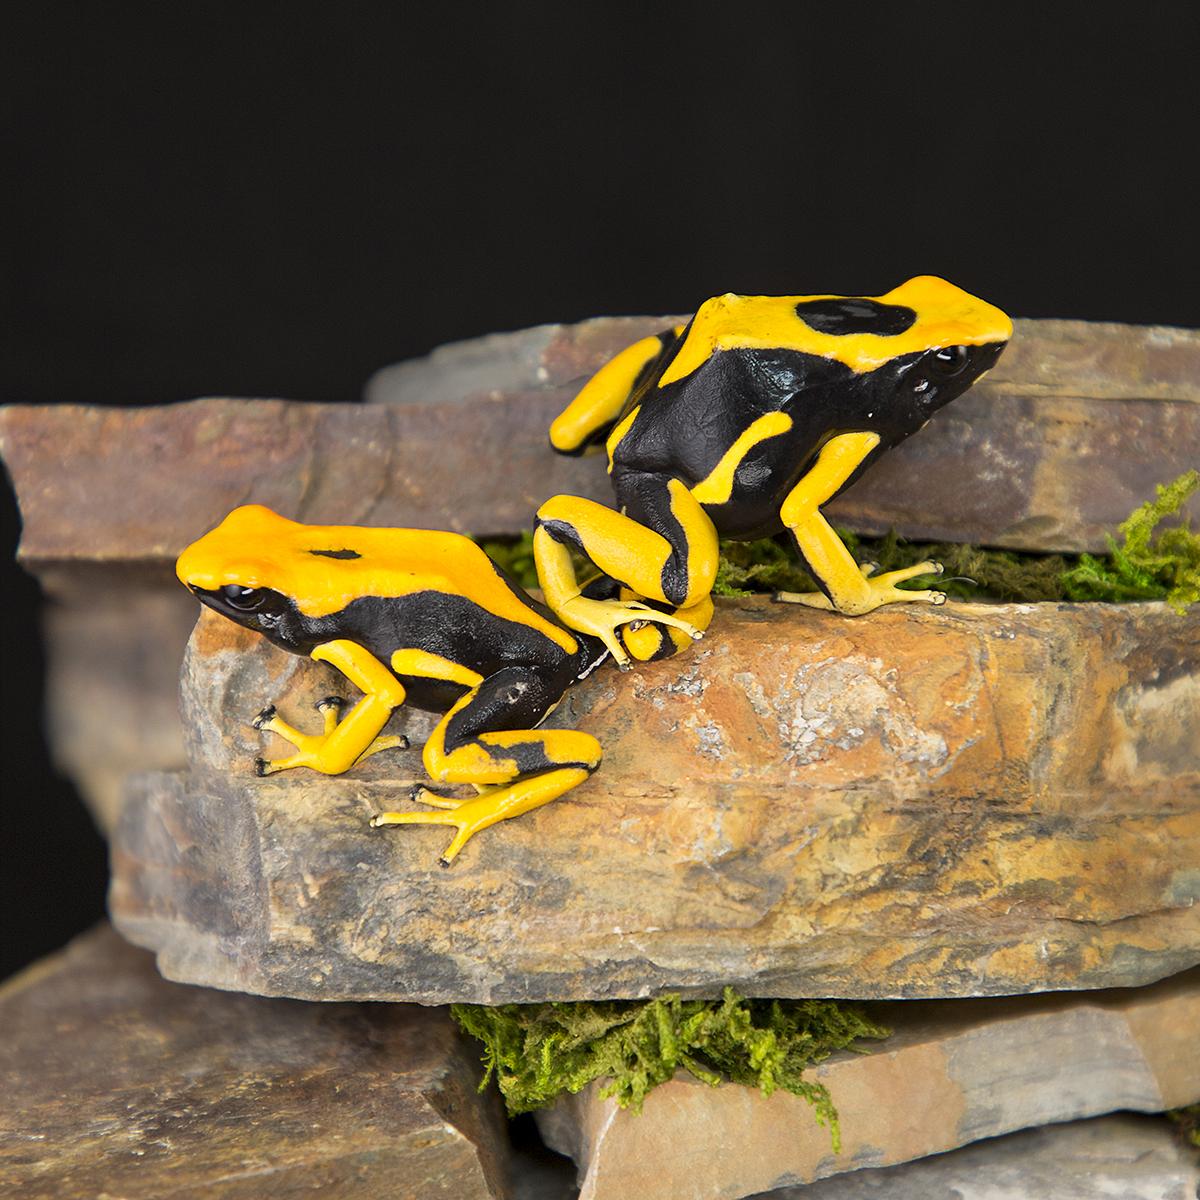 Dendrobates tinctorius 'La Fumee' - Jungle Jewel Exotics